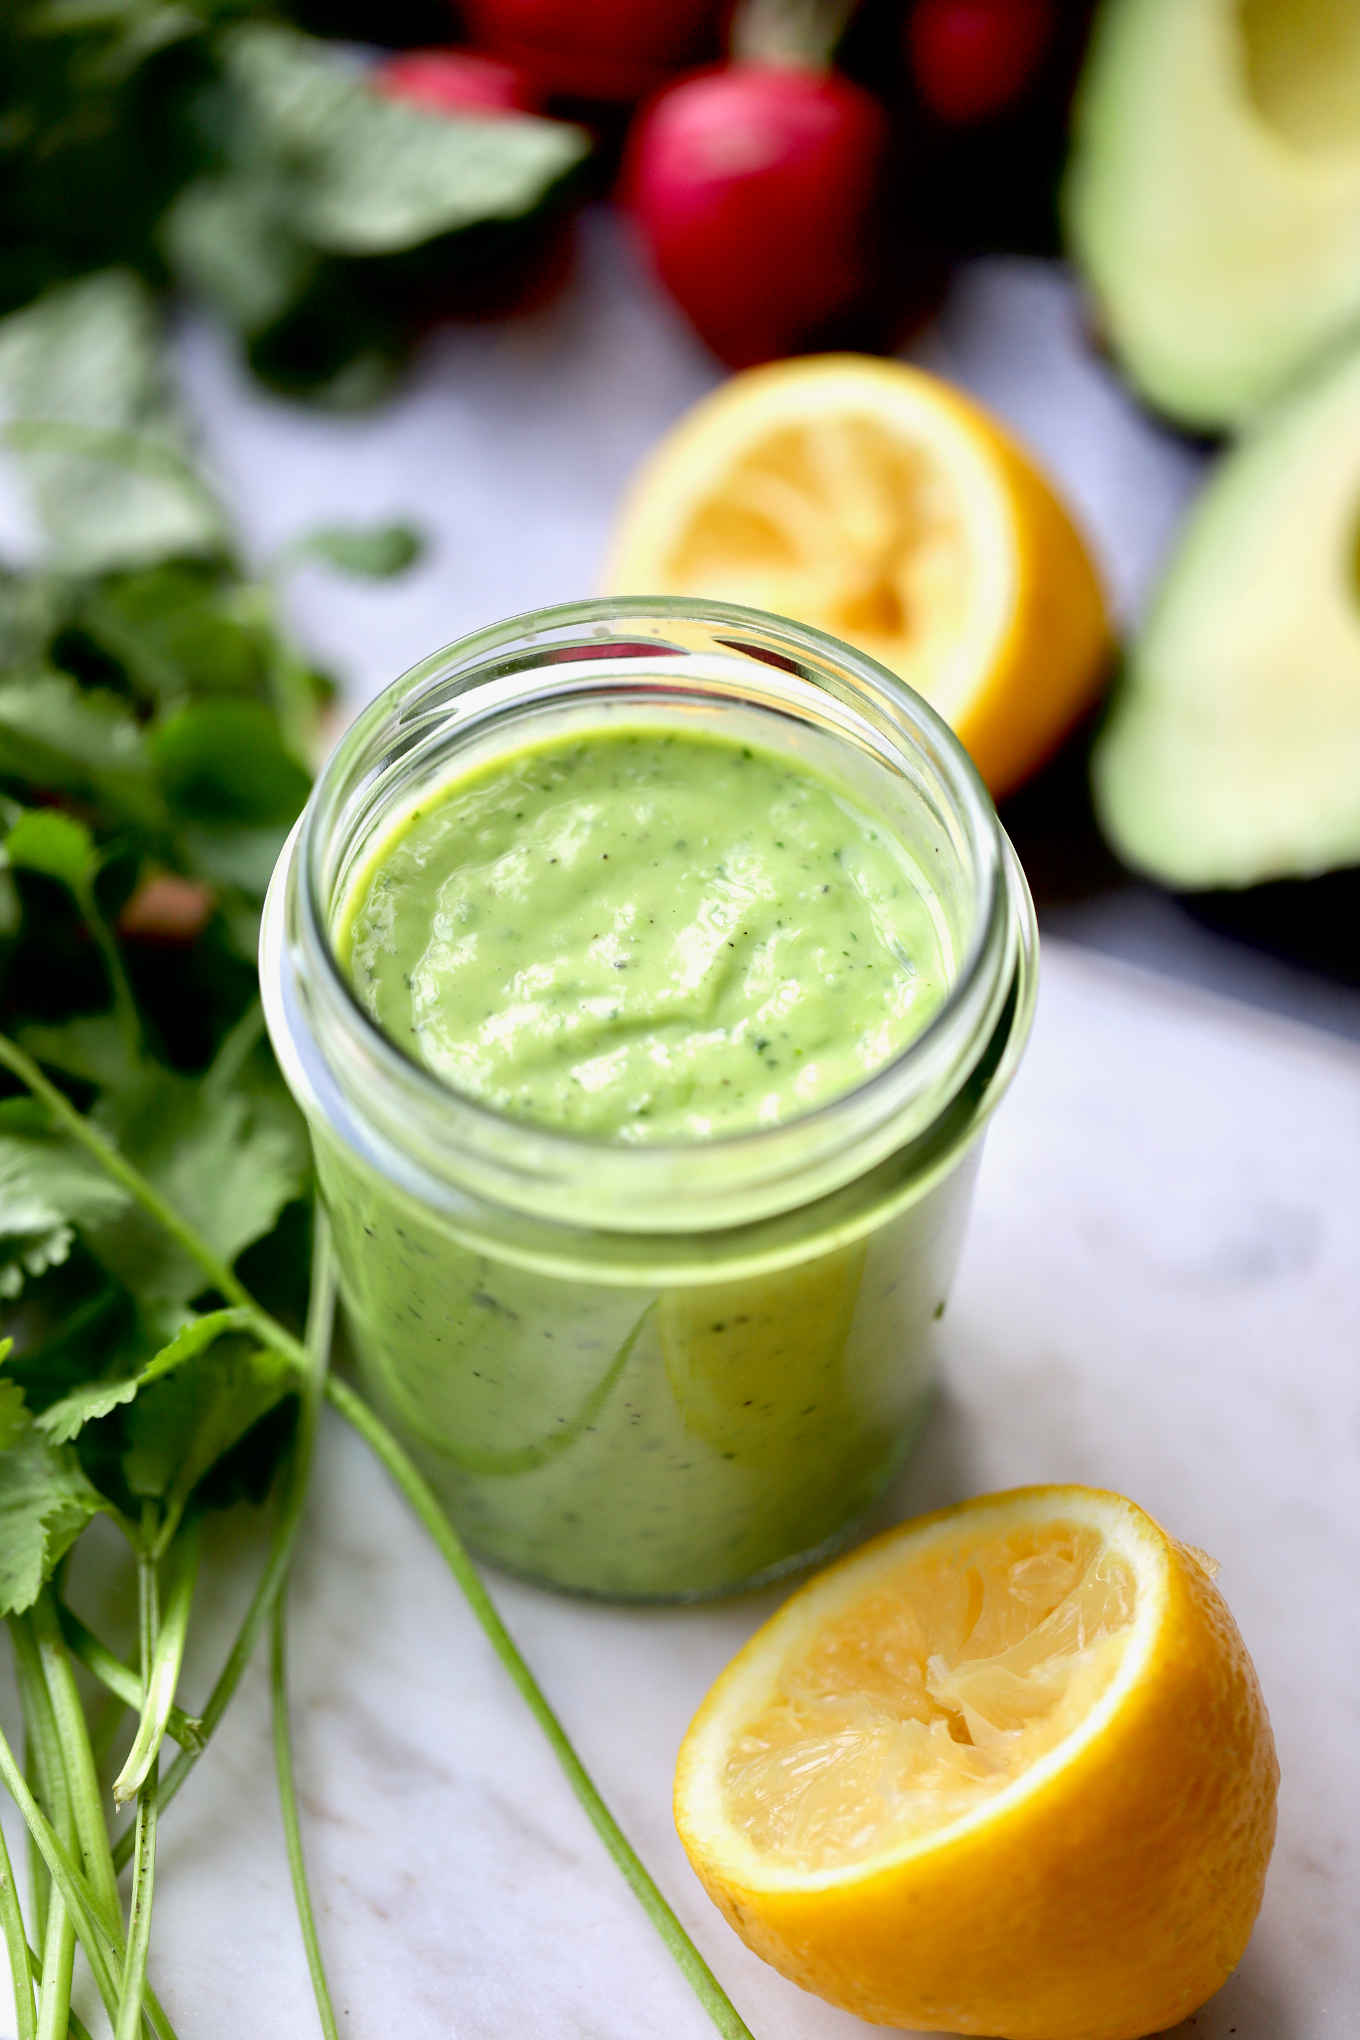 creamy avocado dressing in a jar